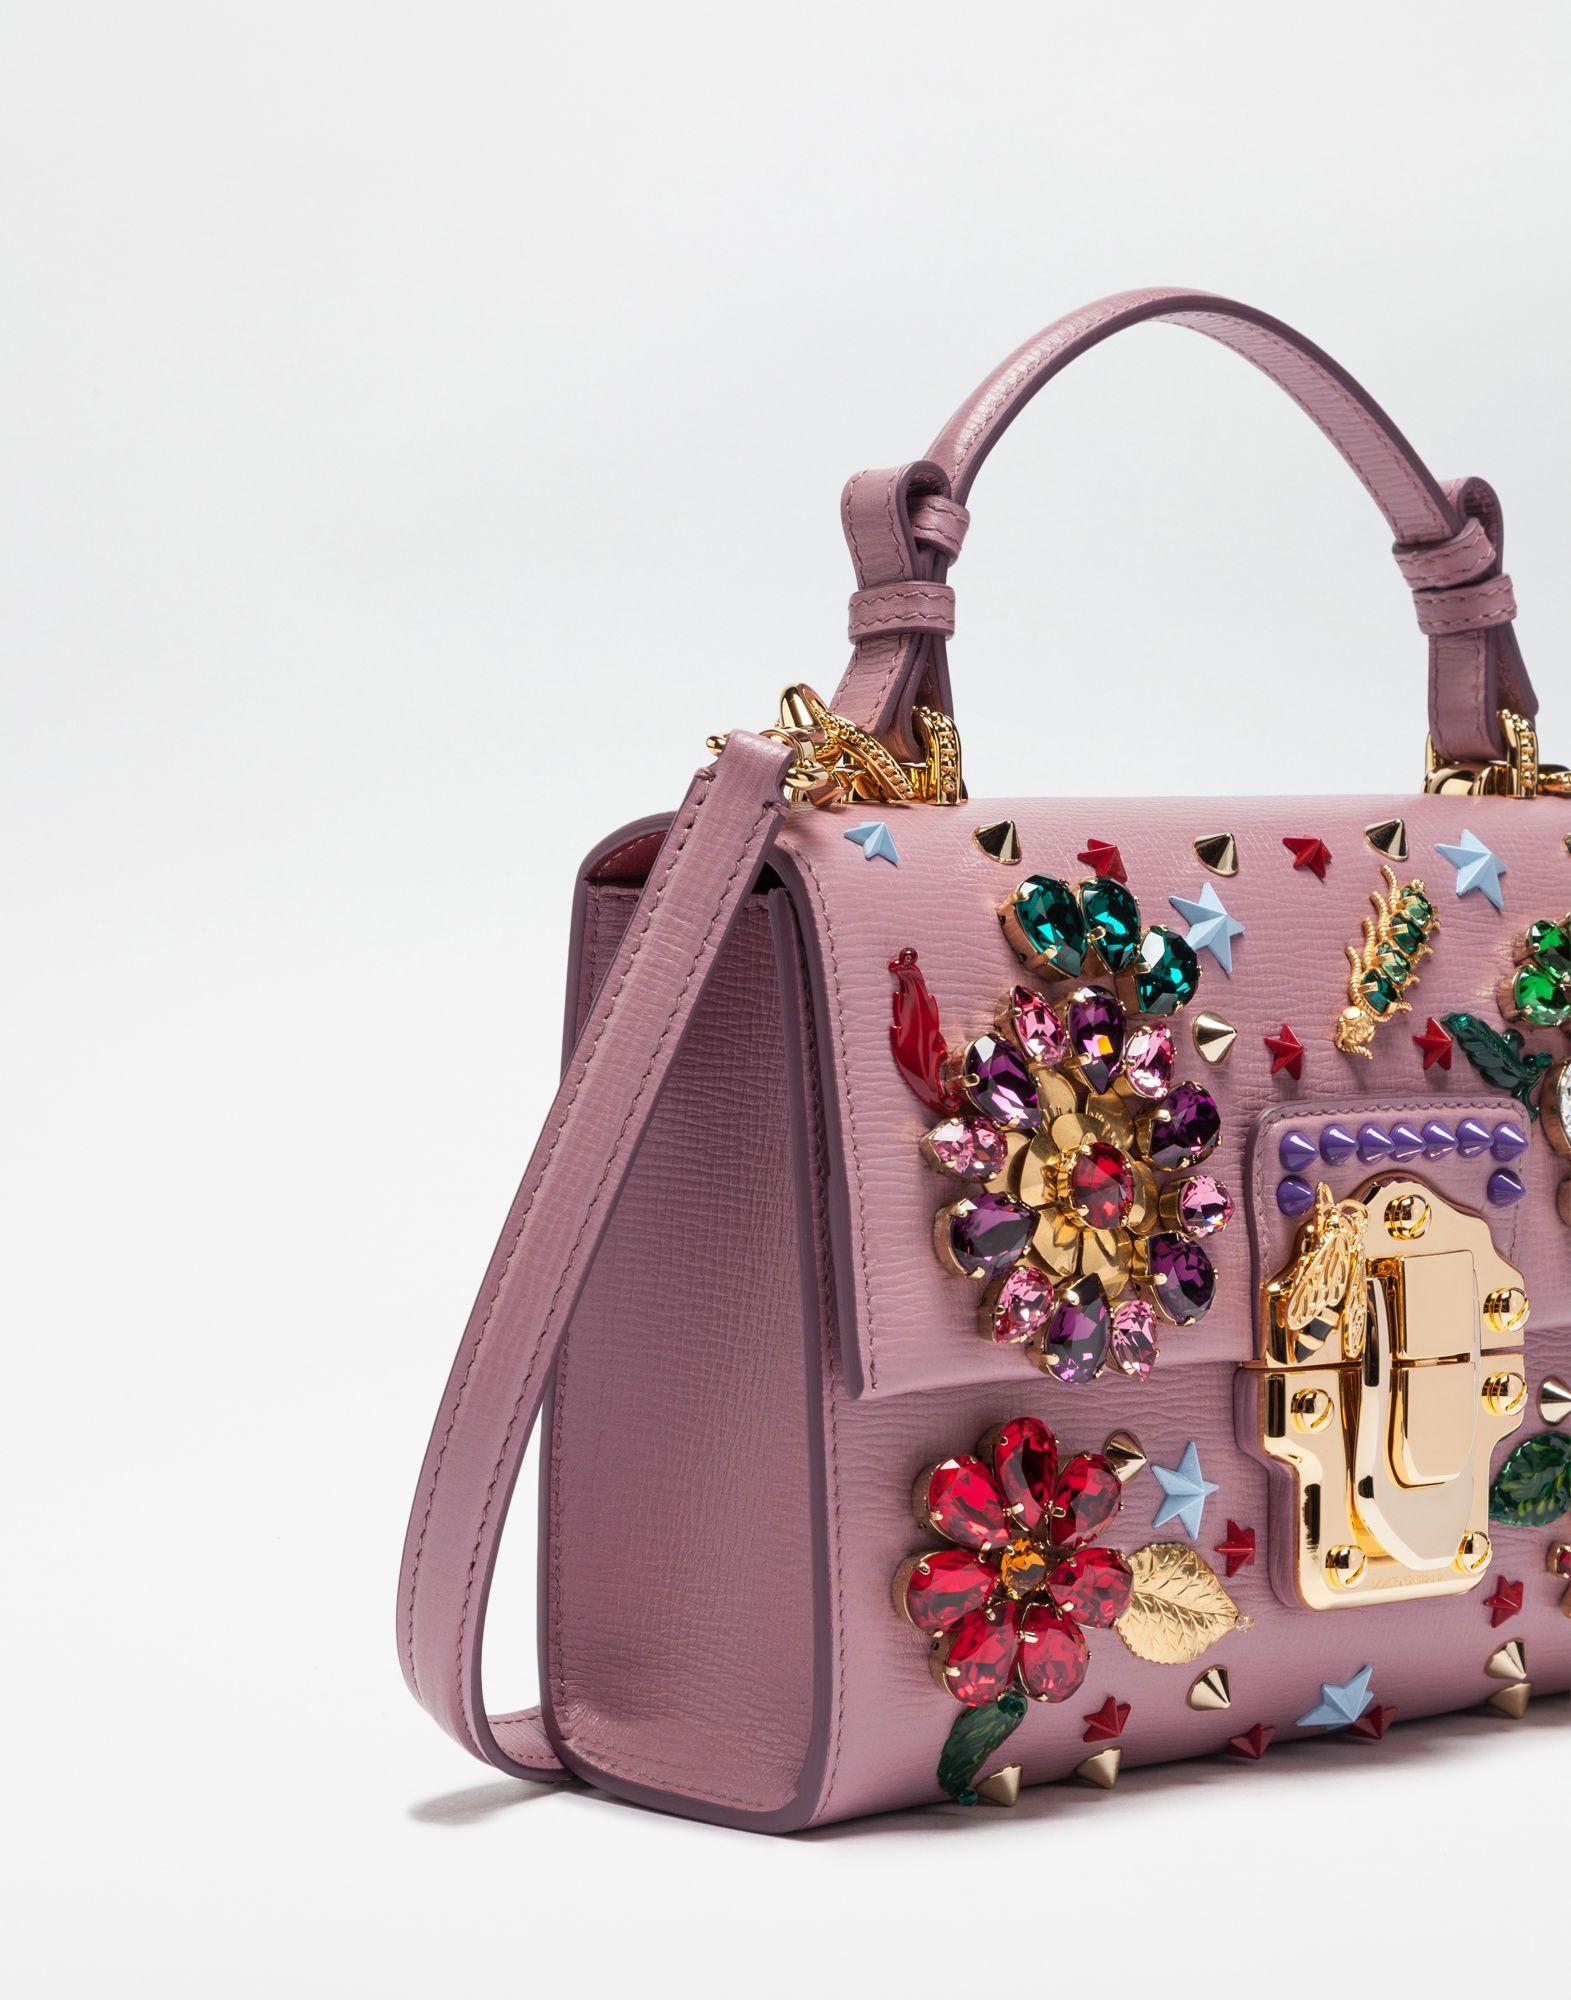 BORSA LUCIA IN PELLE CON APPLICAZIONI GIOIELLO | Bags